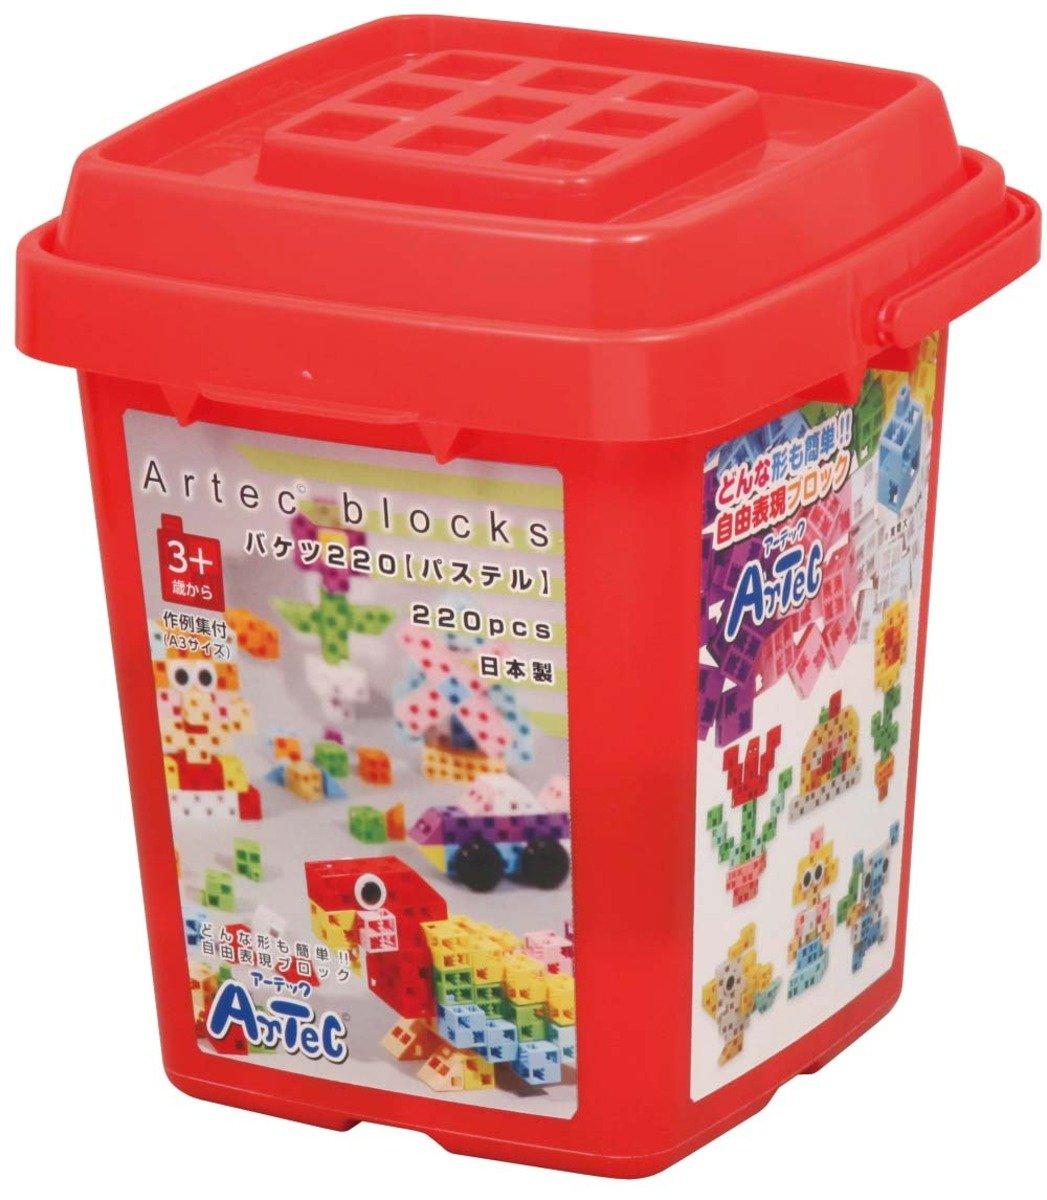 創意立體積木 (粉色桶裝.220件)